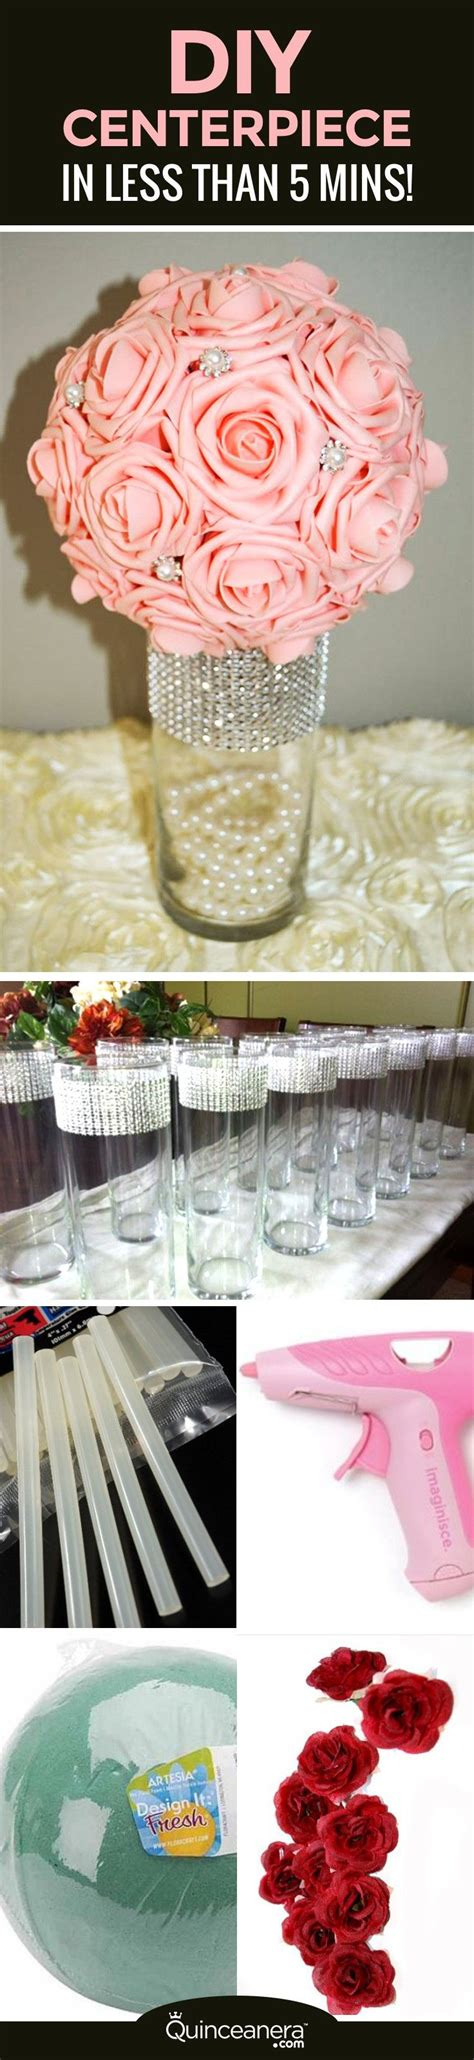 Diy Elegant Quinceanera Centerpiece In Less Than 5 Minutes How To Make Quinceanera Centerpieces